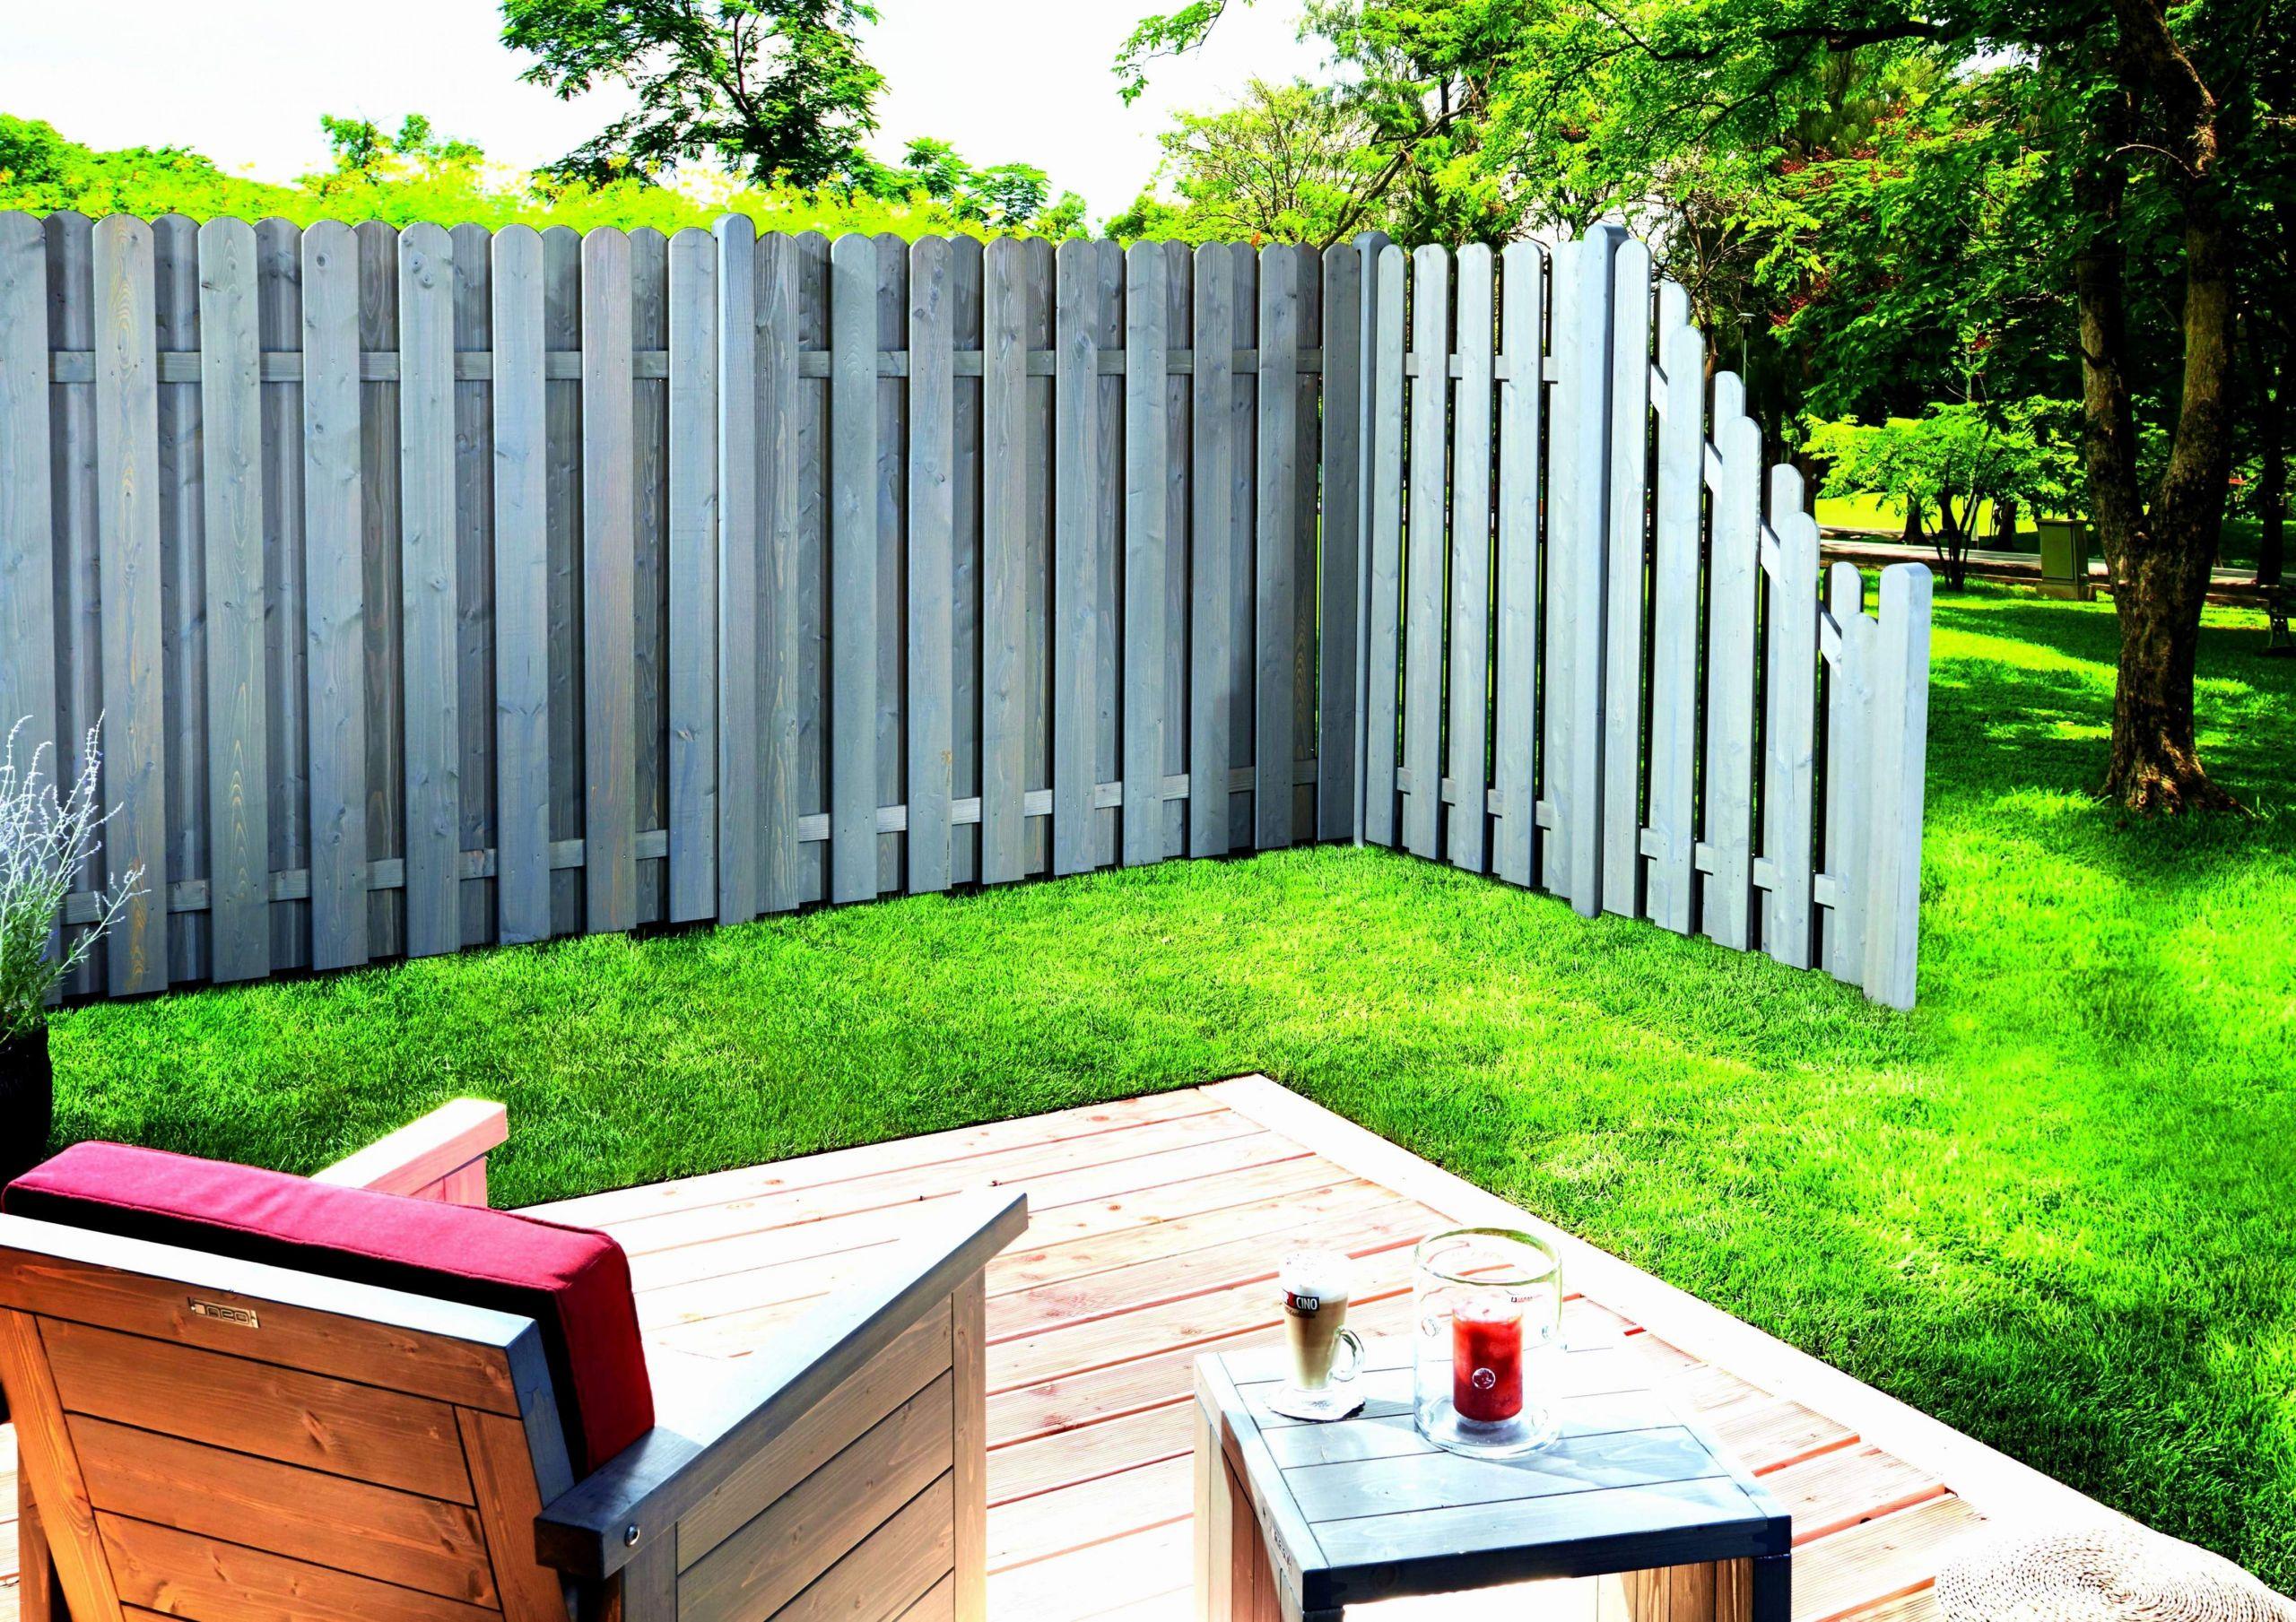 Dünengras Im Garten Luxus Grüner Sichtschutz Im Garten — Temobardz Home Blog